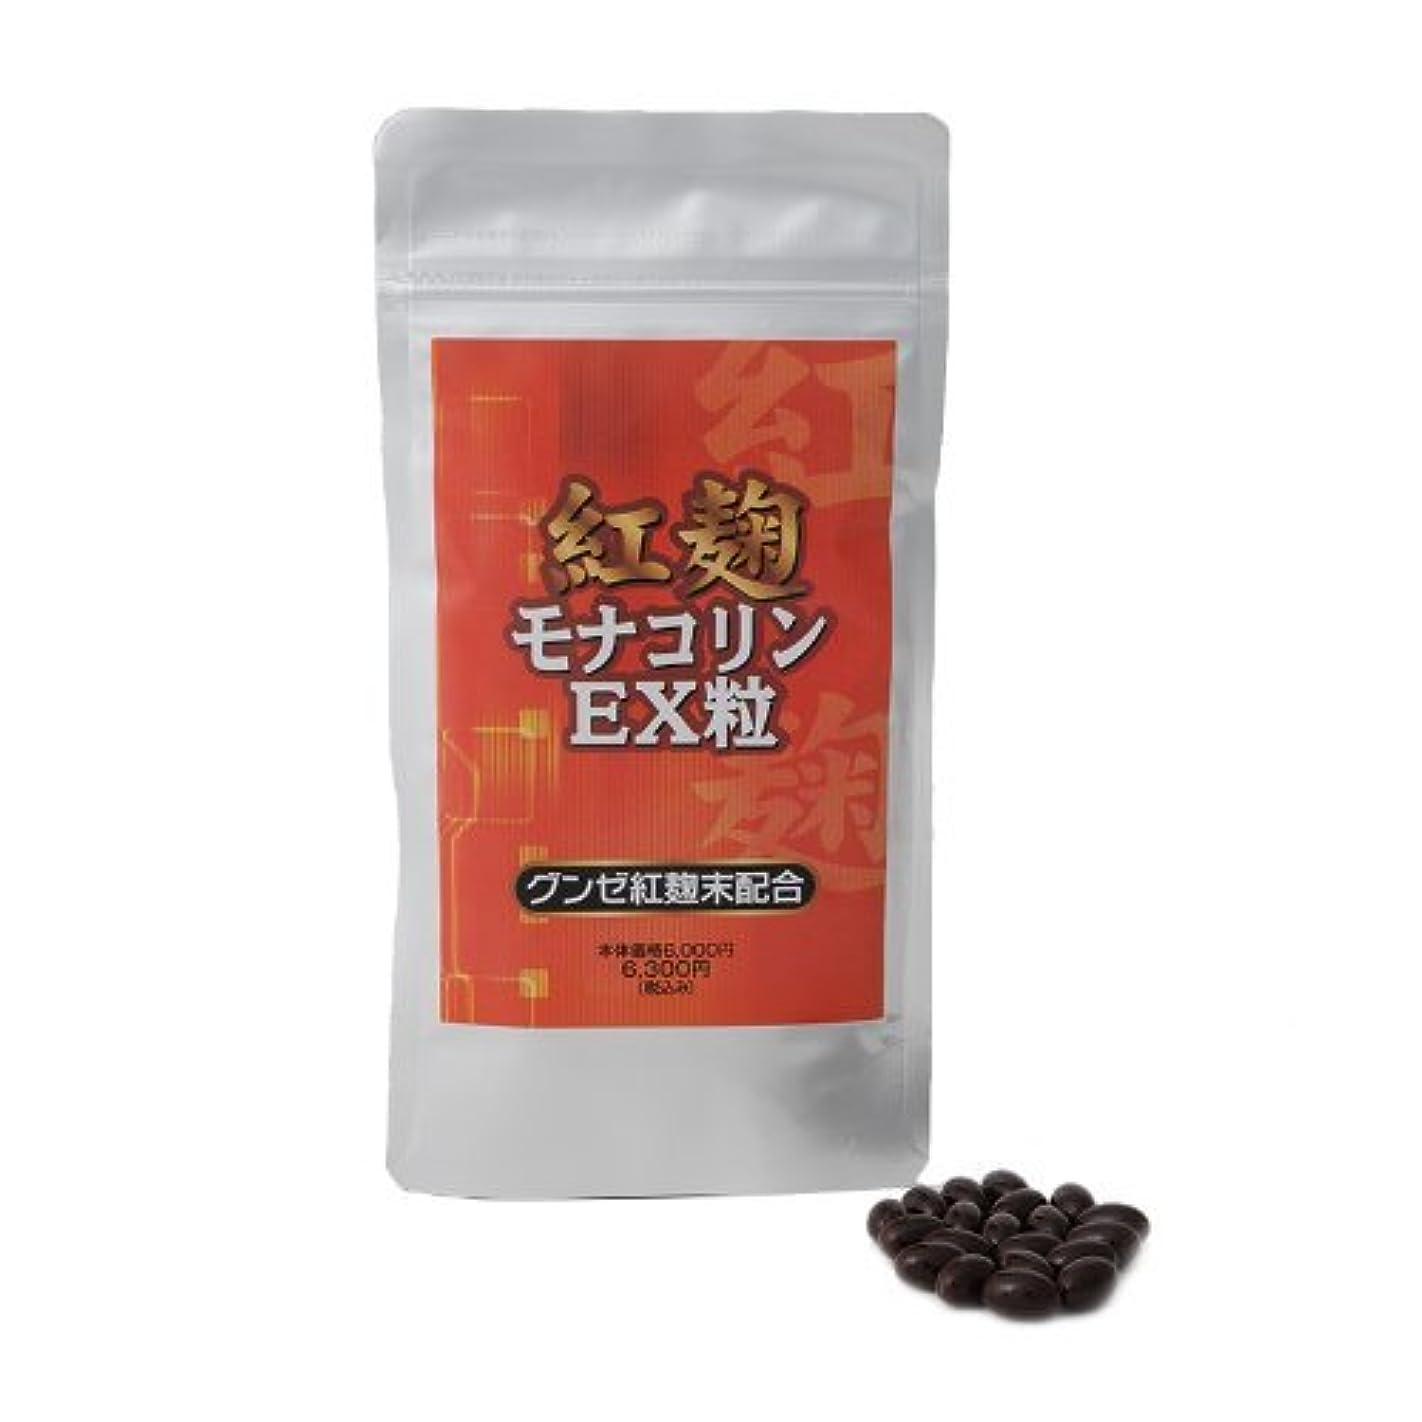 助けになる毎日原点紅麹モナコリンEX粒 (120粒/約1ヶ月分)グンゼの米紅麹末配合サプリメント